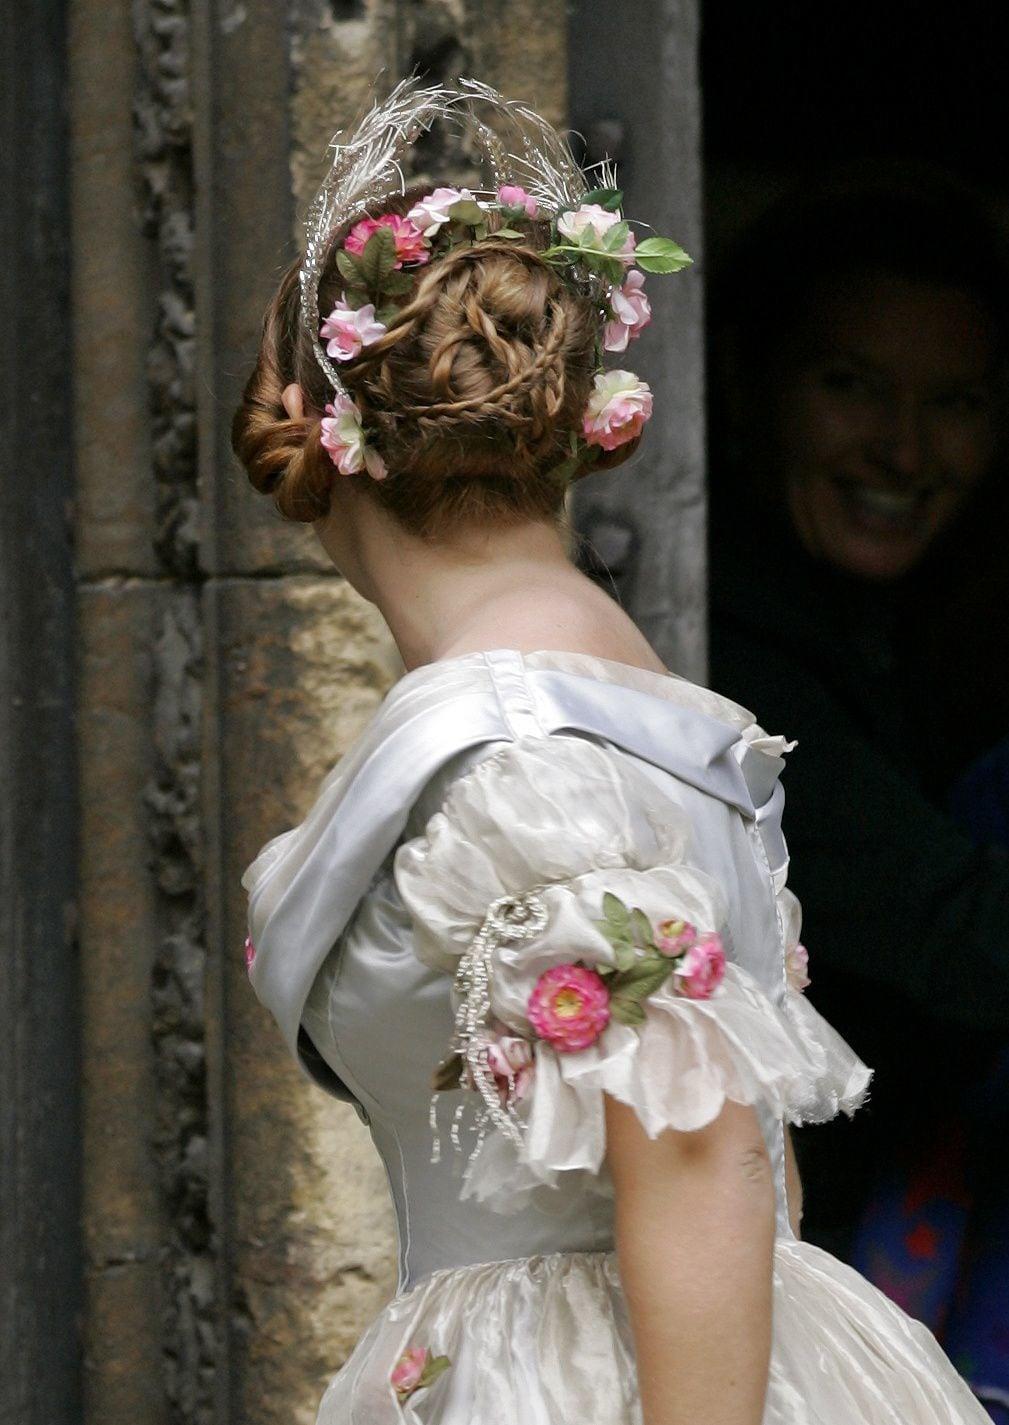 Mujer rubia con cabello atado con varias trenzas y rosas en el medio